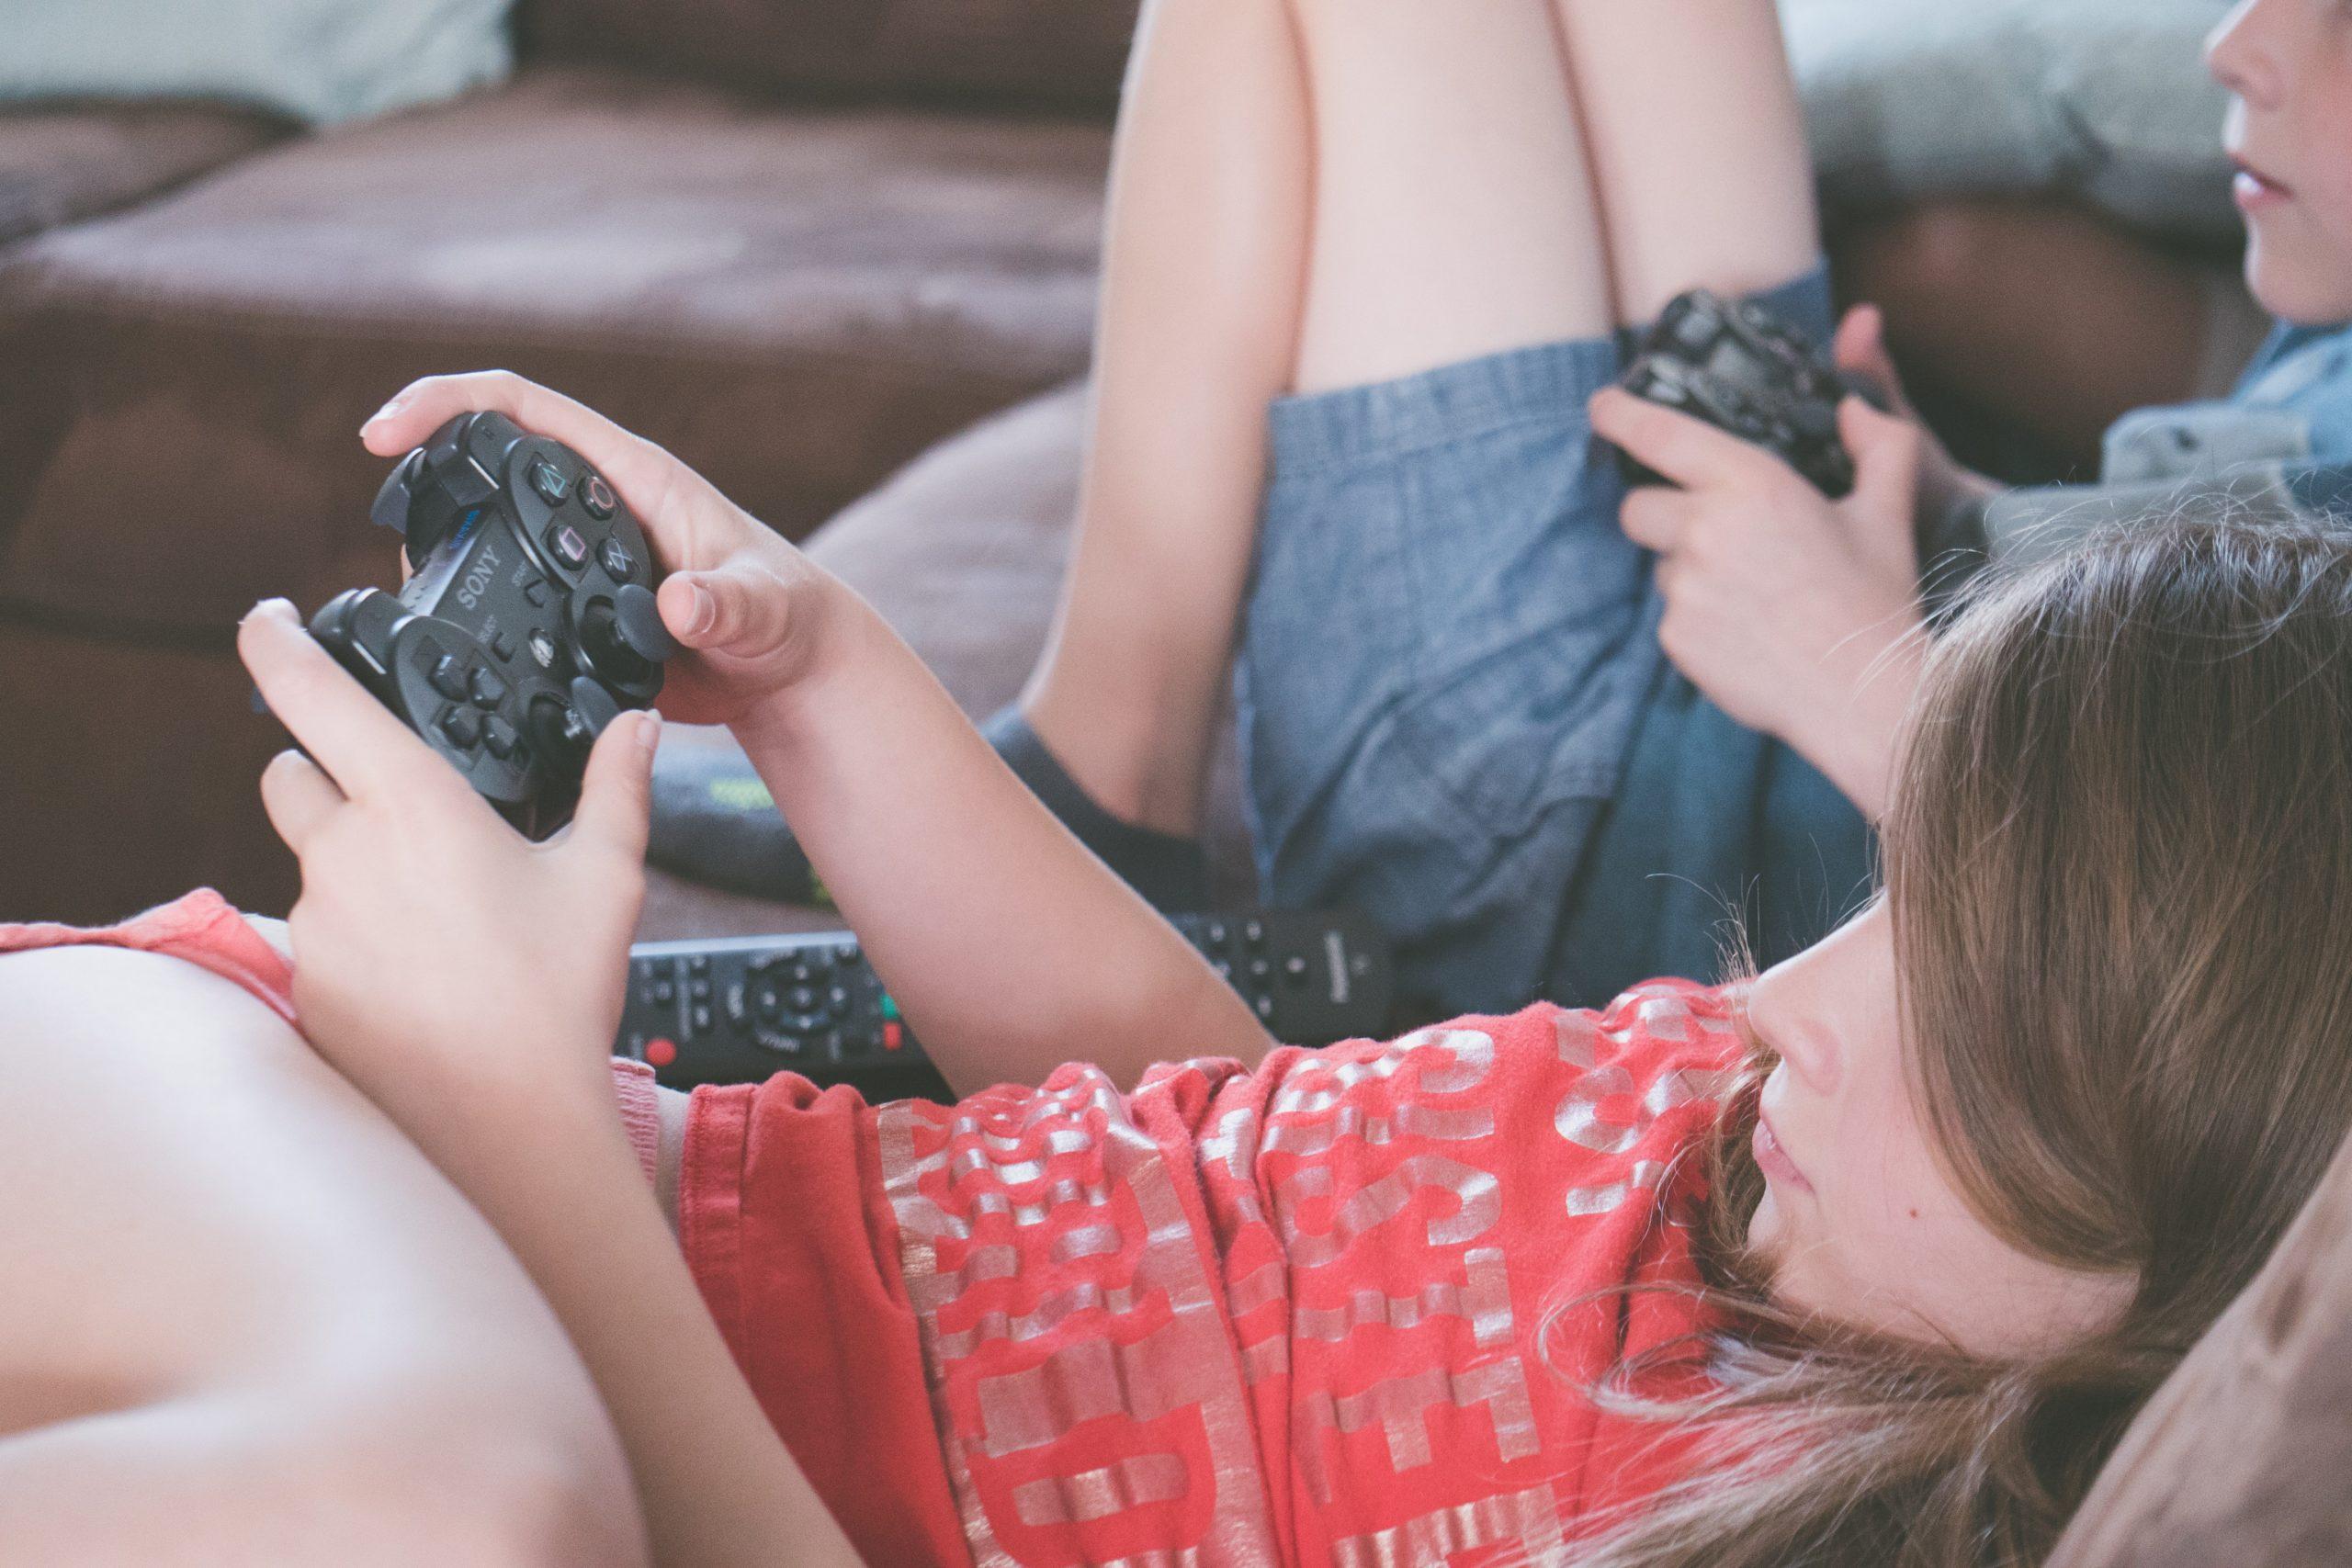 ¿Videojuegos, malos? ¡Para nada! Mejoran la salud mental de los niños durante la pandemia